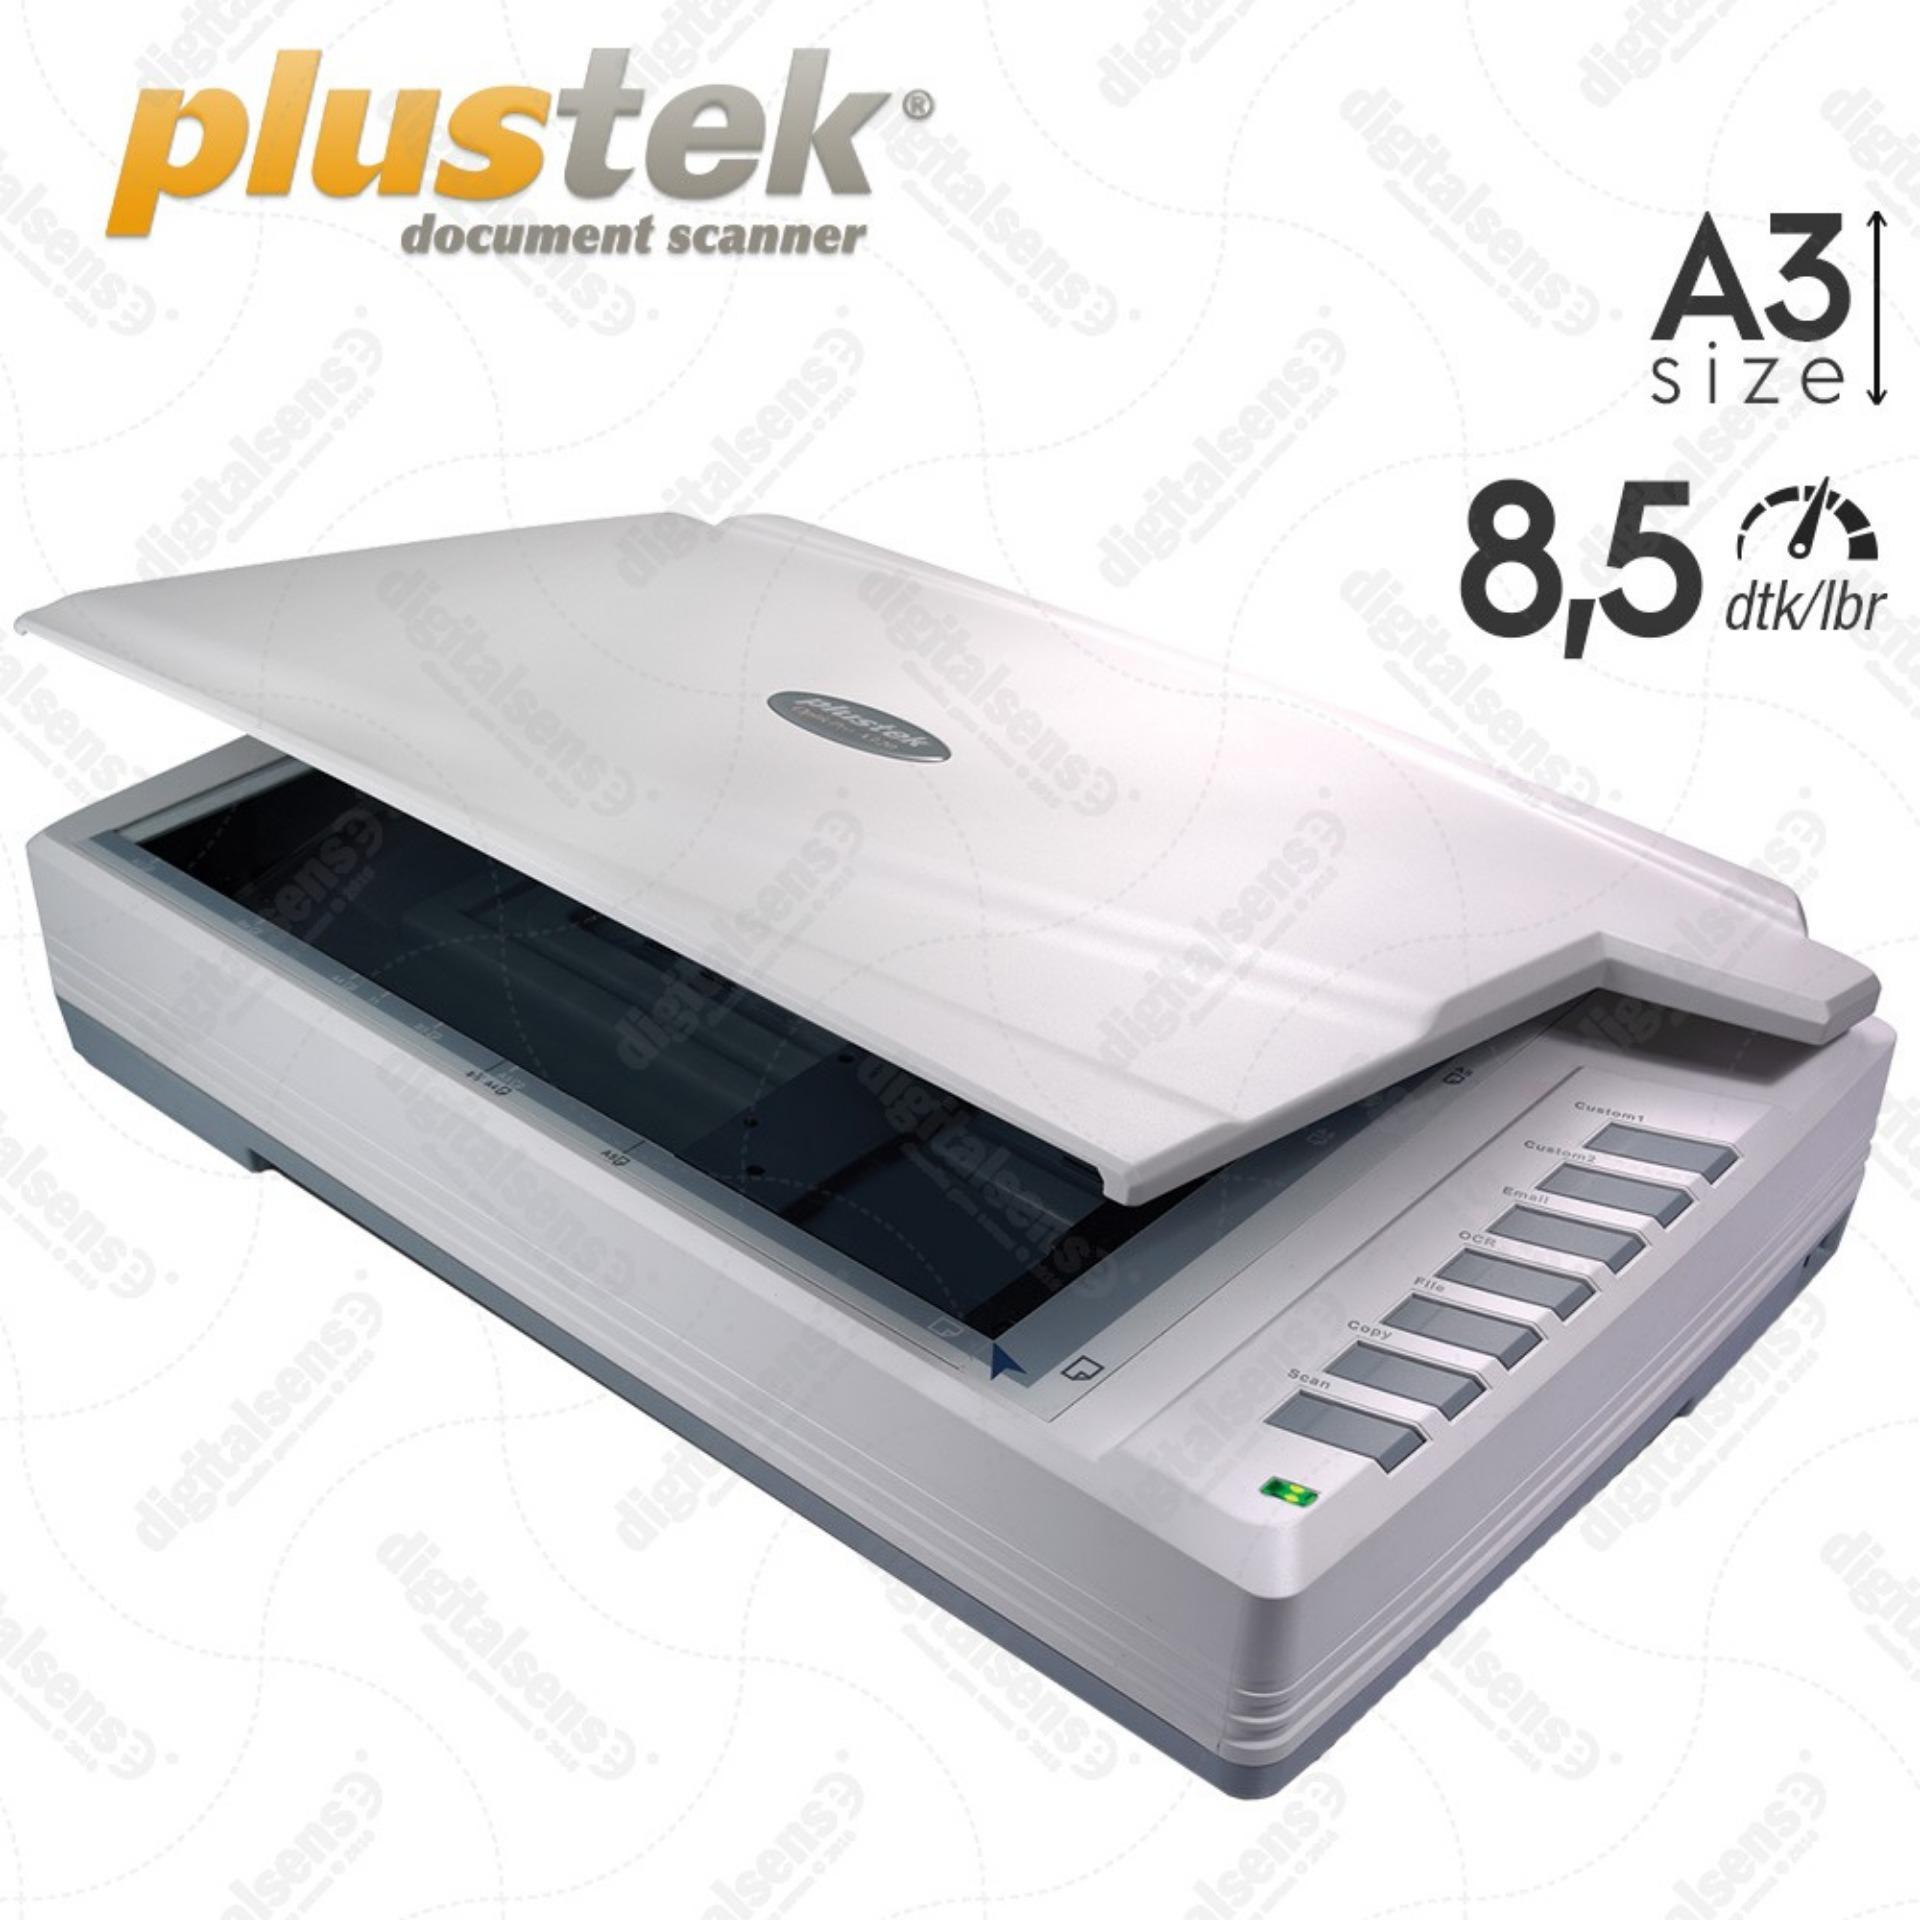 Harga Plustek Scanner Flatbed A320 A3 8 5 Detik Lbr Putih